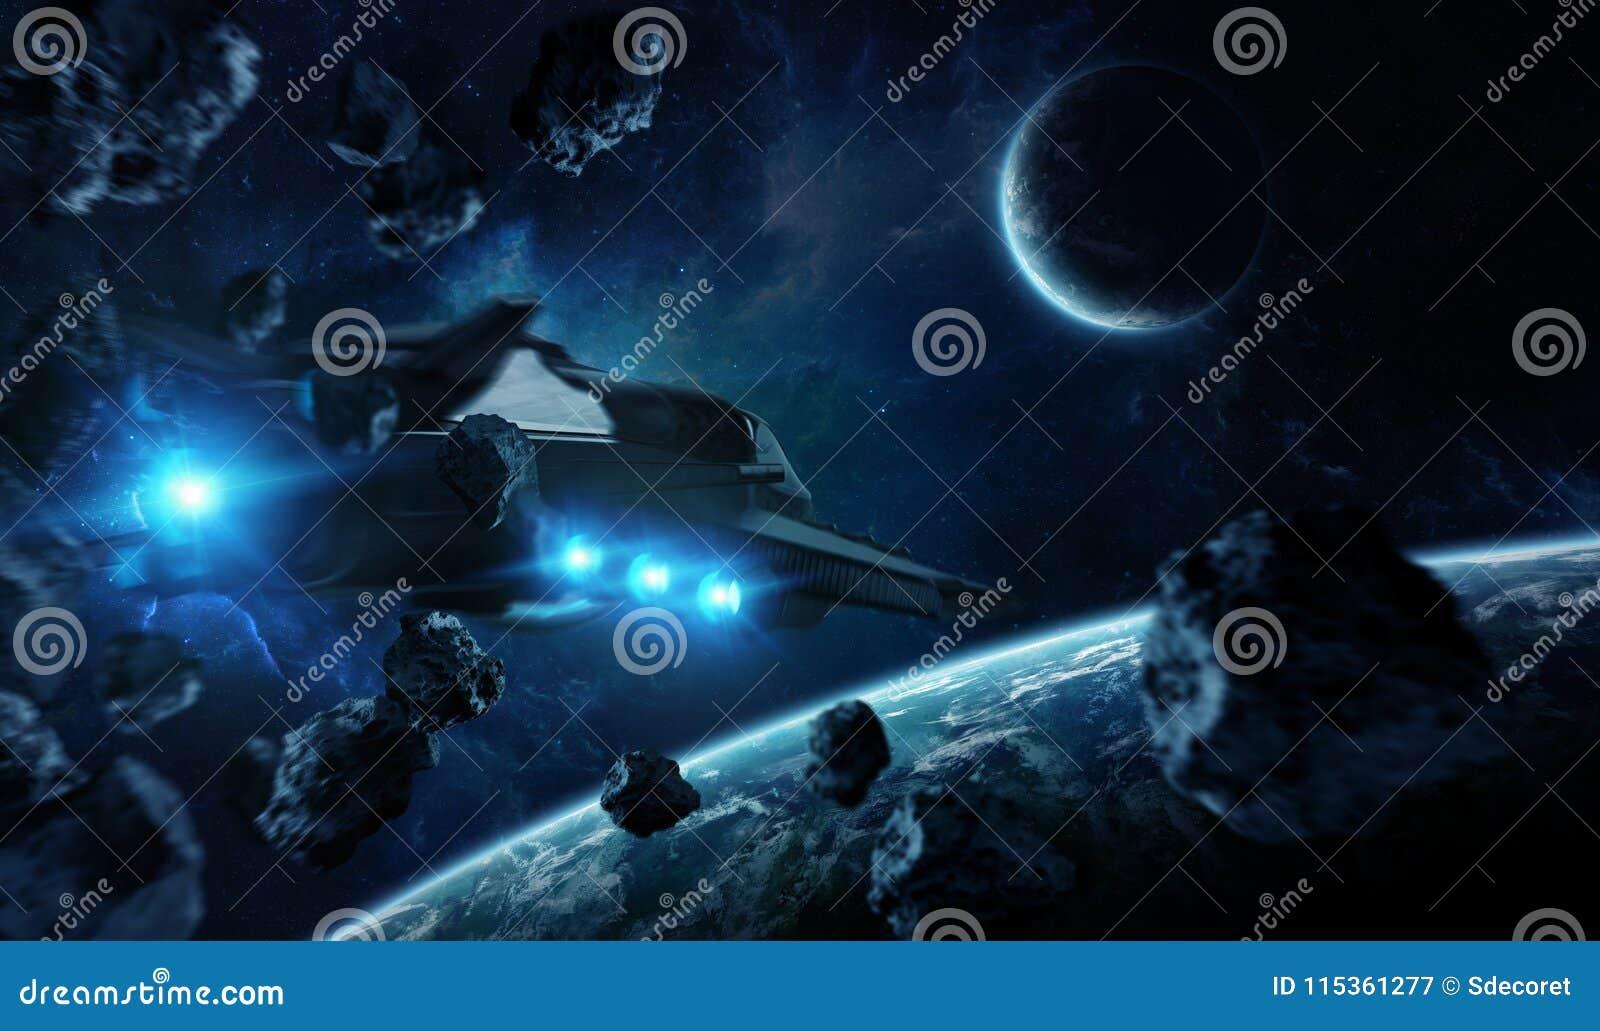 Entferntes Planetensystem im Raum mit exoplanets 3D Wiedergabe elem